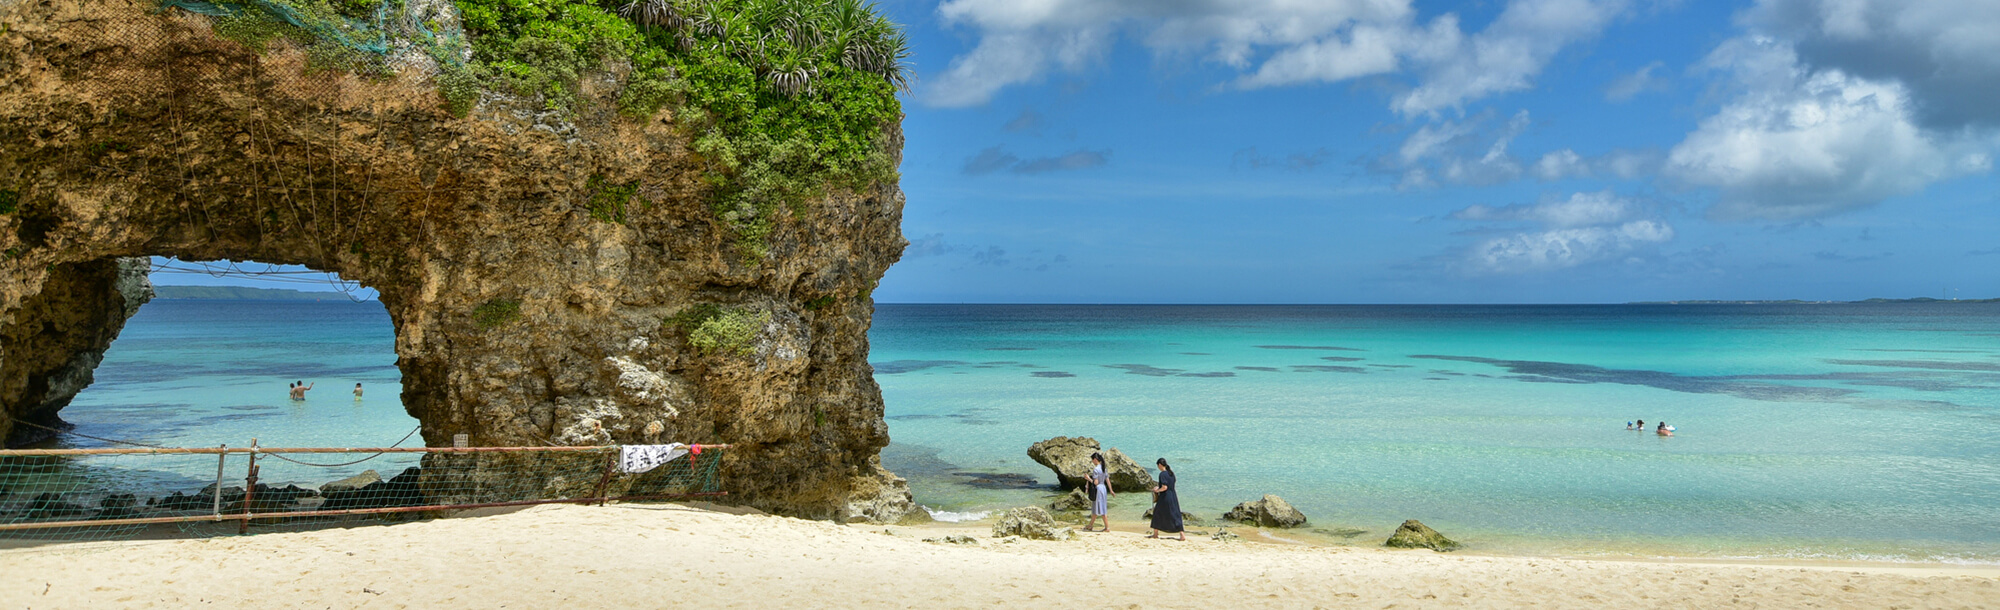 沖縄観光地